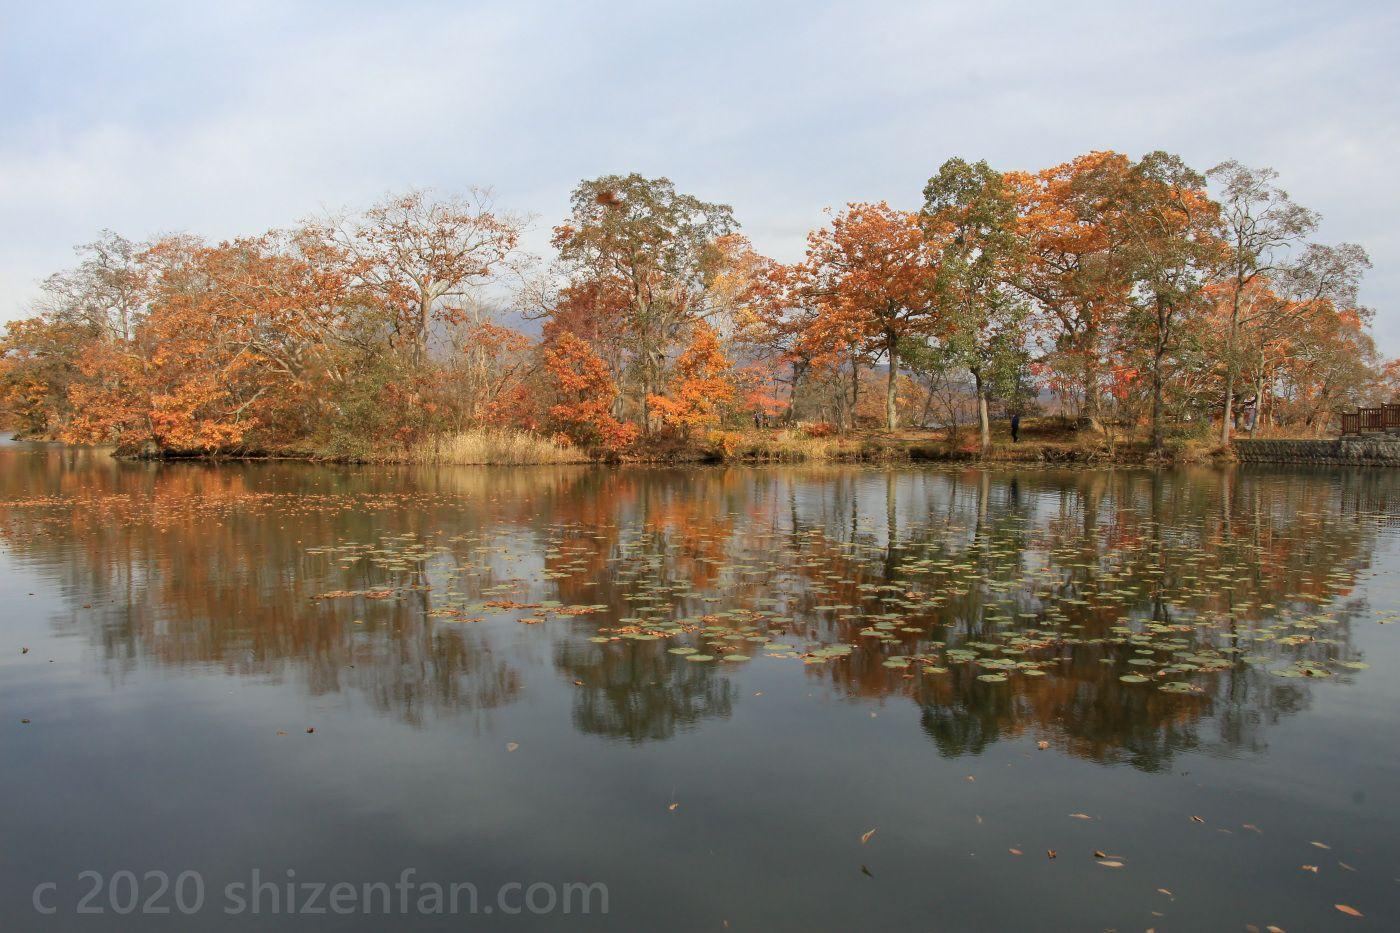 晩秋の大沼国定公園 紅葉した木々と木々を映した湖面